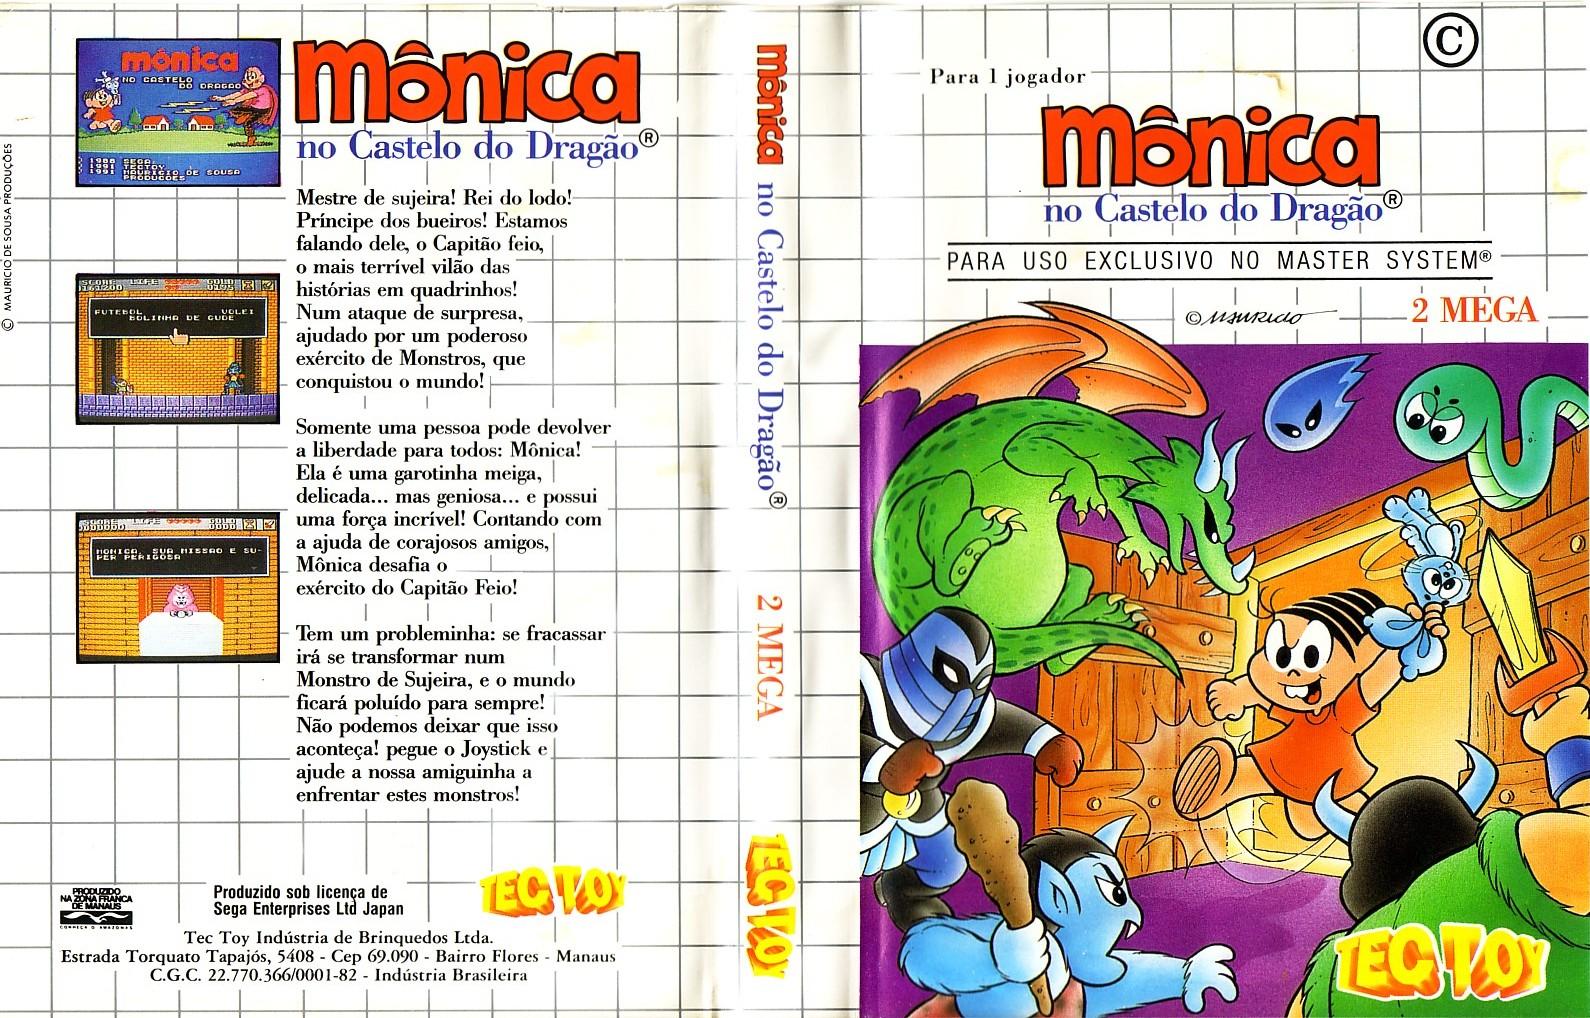 http://www.smspower.org/uploads/Scans/MonicaNoCasteloDoDragao-SMS-BR.jpg